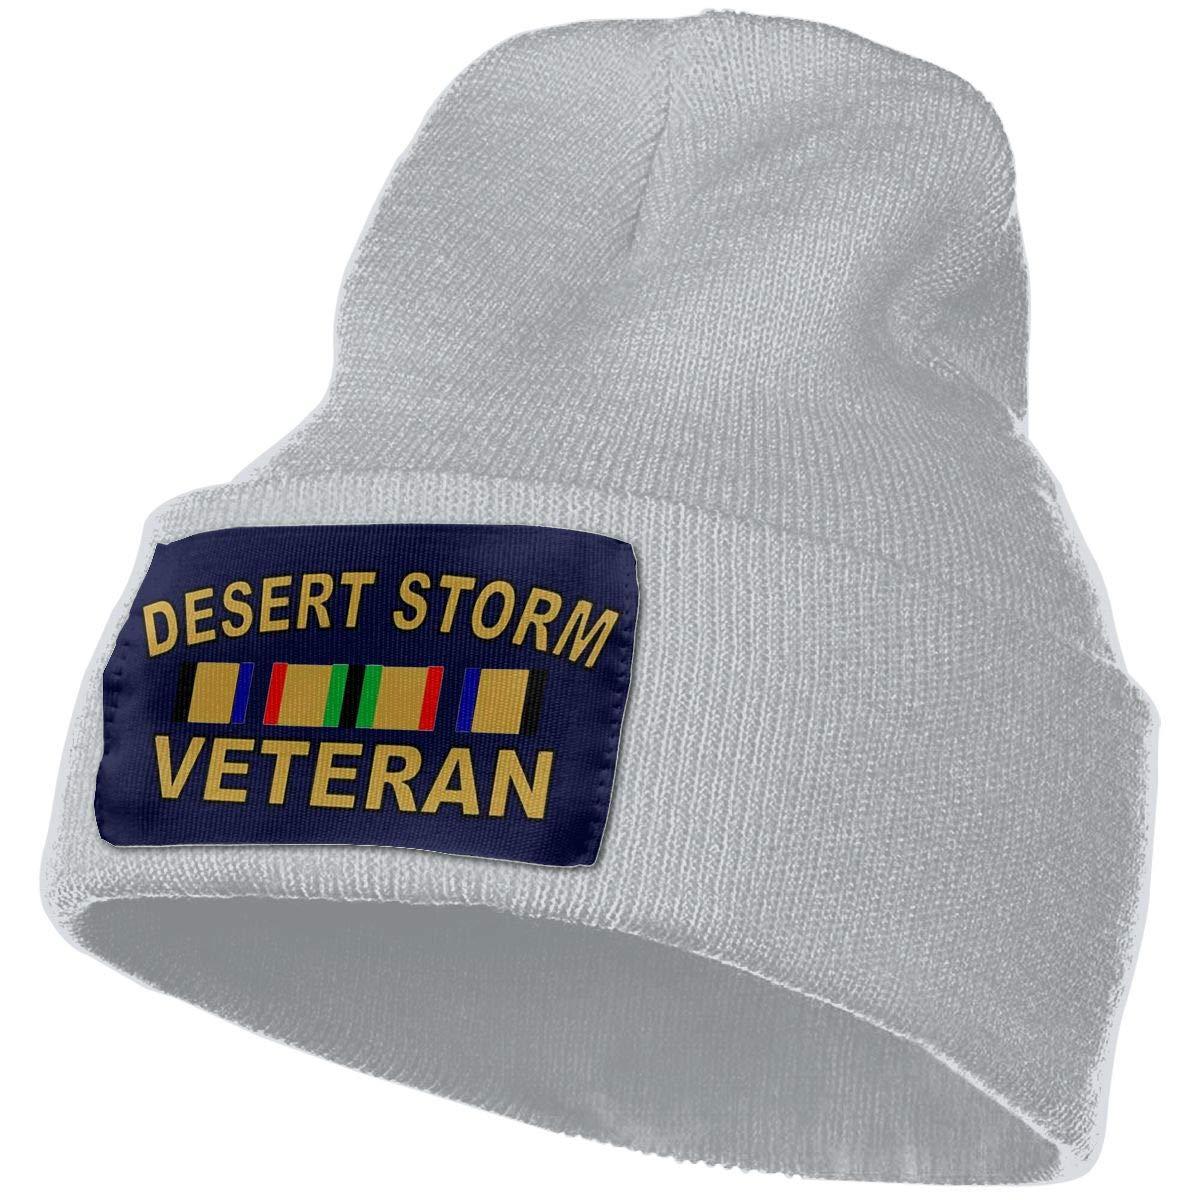 DFKD JKFD Unisex 3D Knitted Hat Skull Hat Beanie Cap Desert Storm Veteran